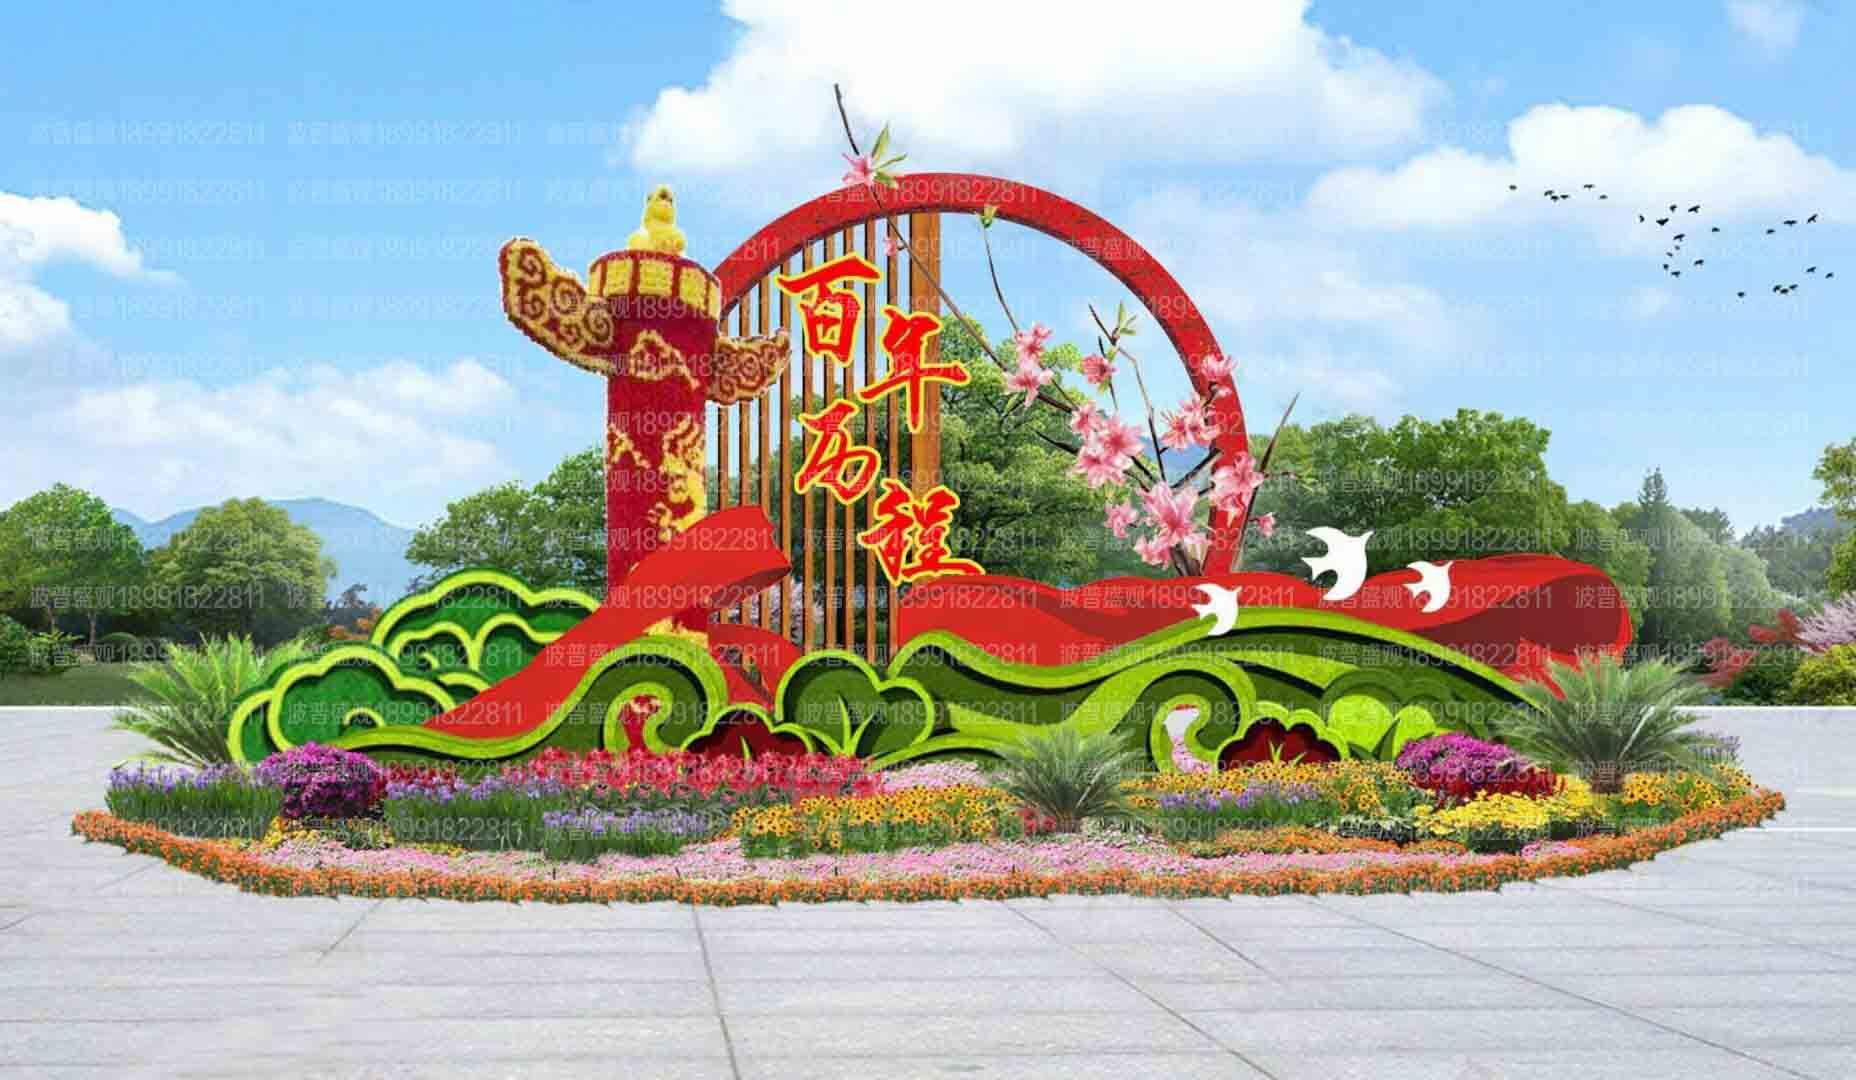 转盘建党100周年植物雕塑